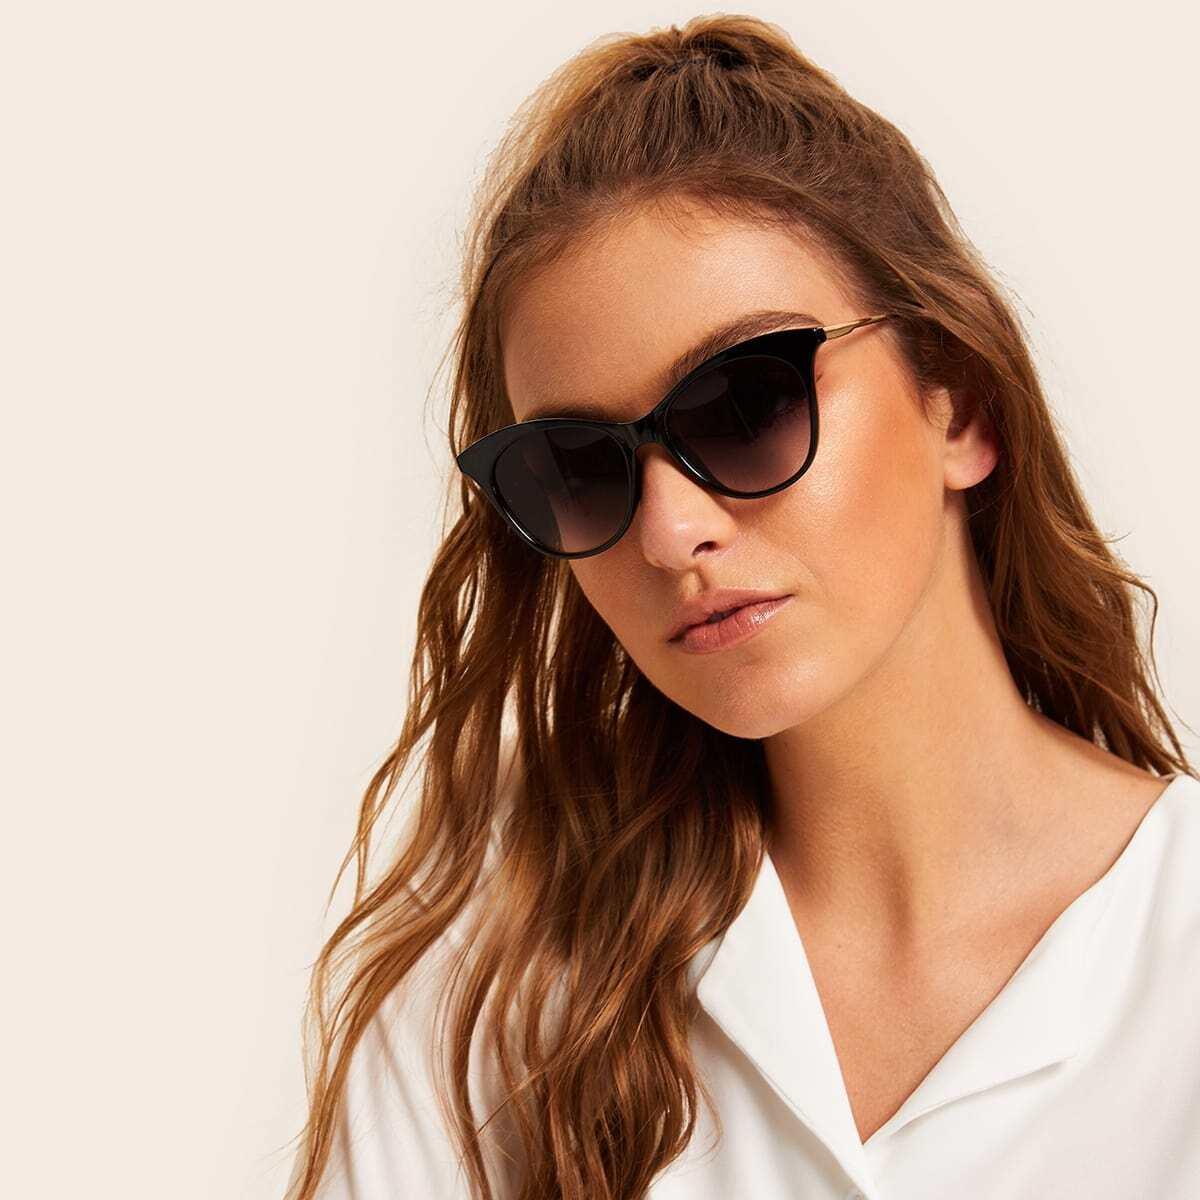 SHEIN / Sonnenbrille mit flachen Linsen